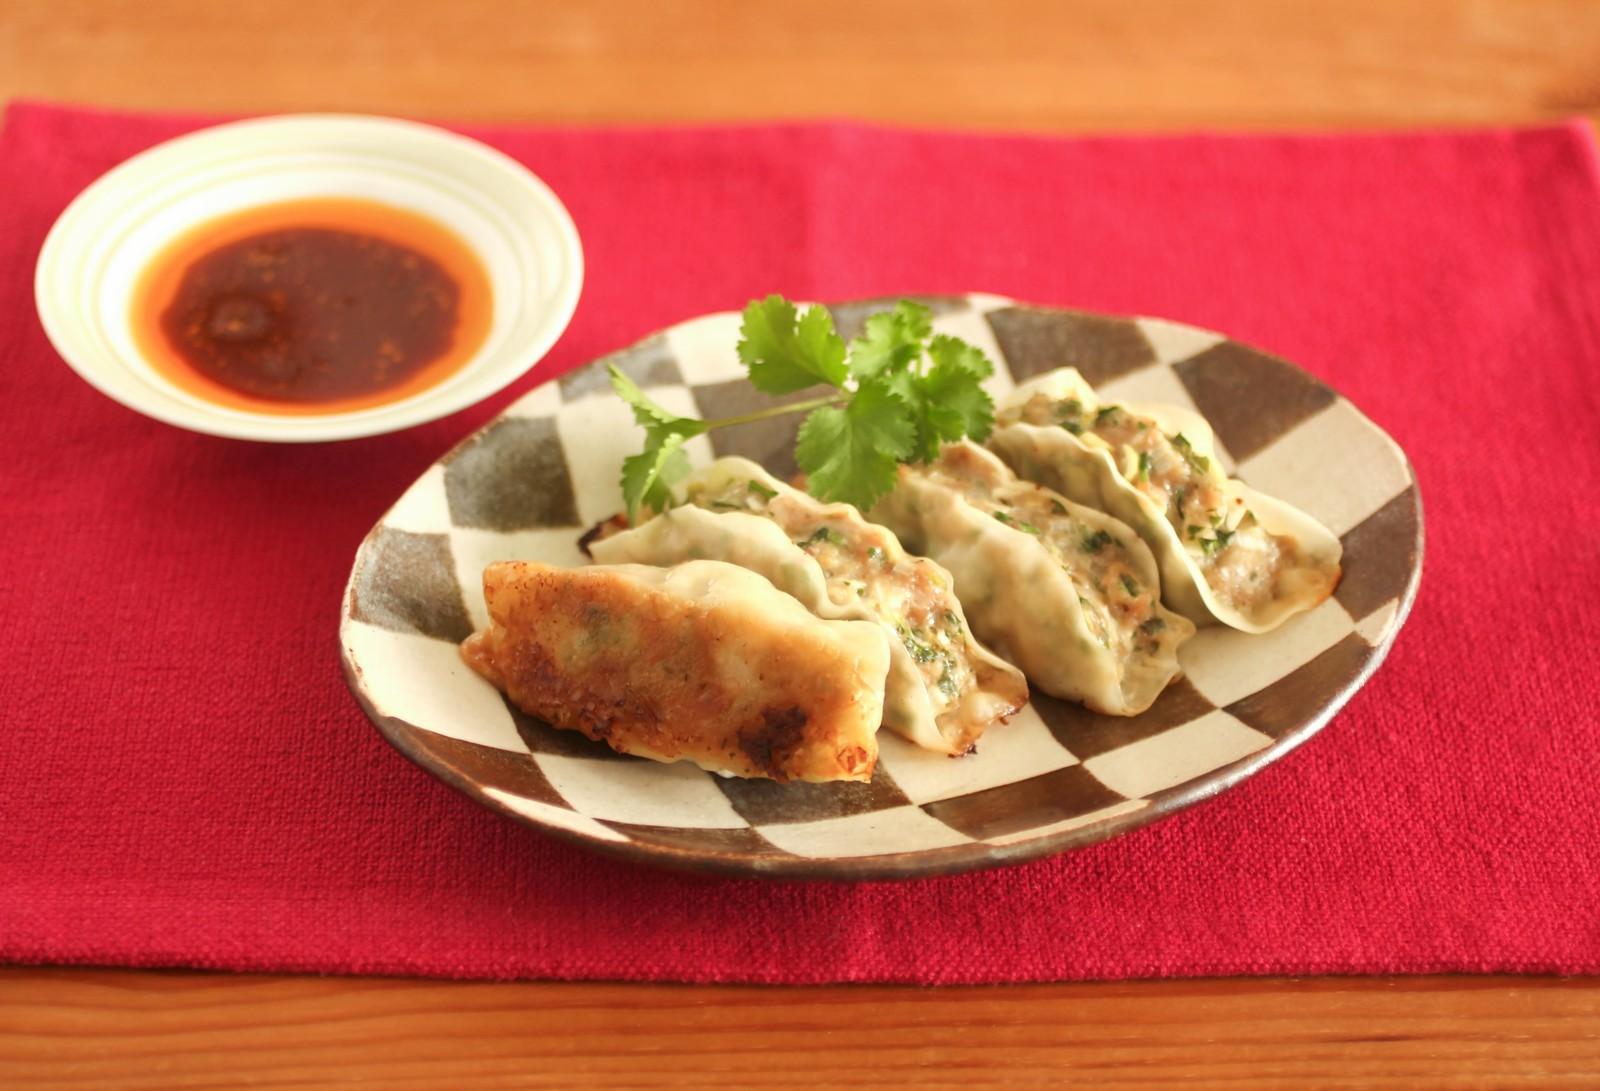 錦糸町の餃子が熱い!人気の専門店や美味しいと評判の店をまとめて紹介!